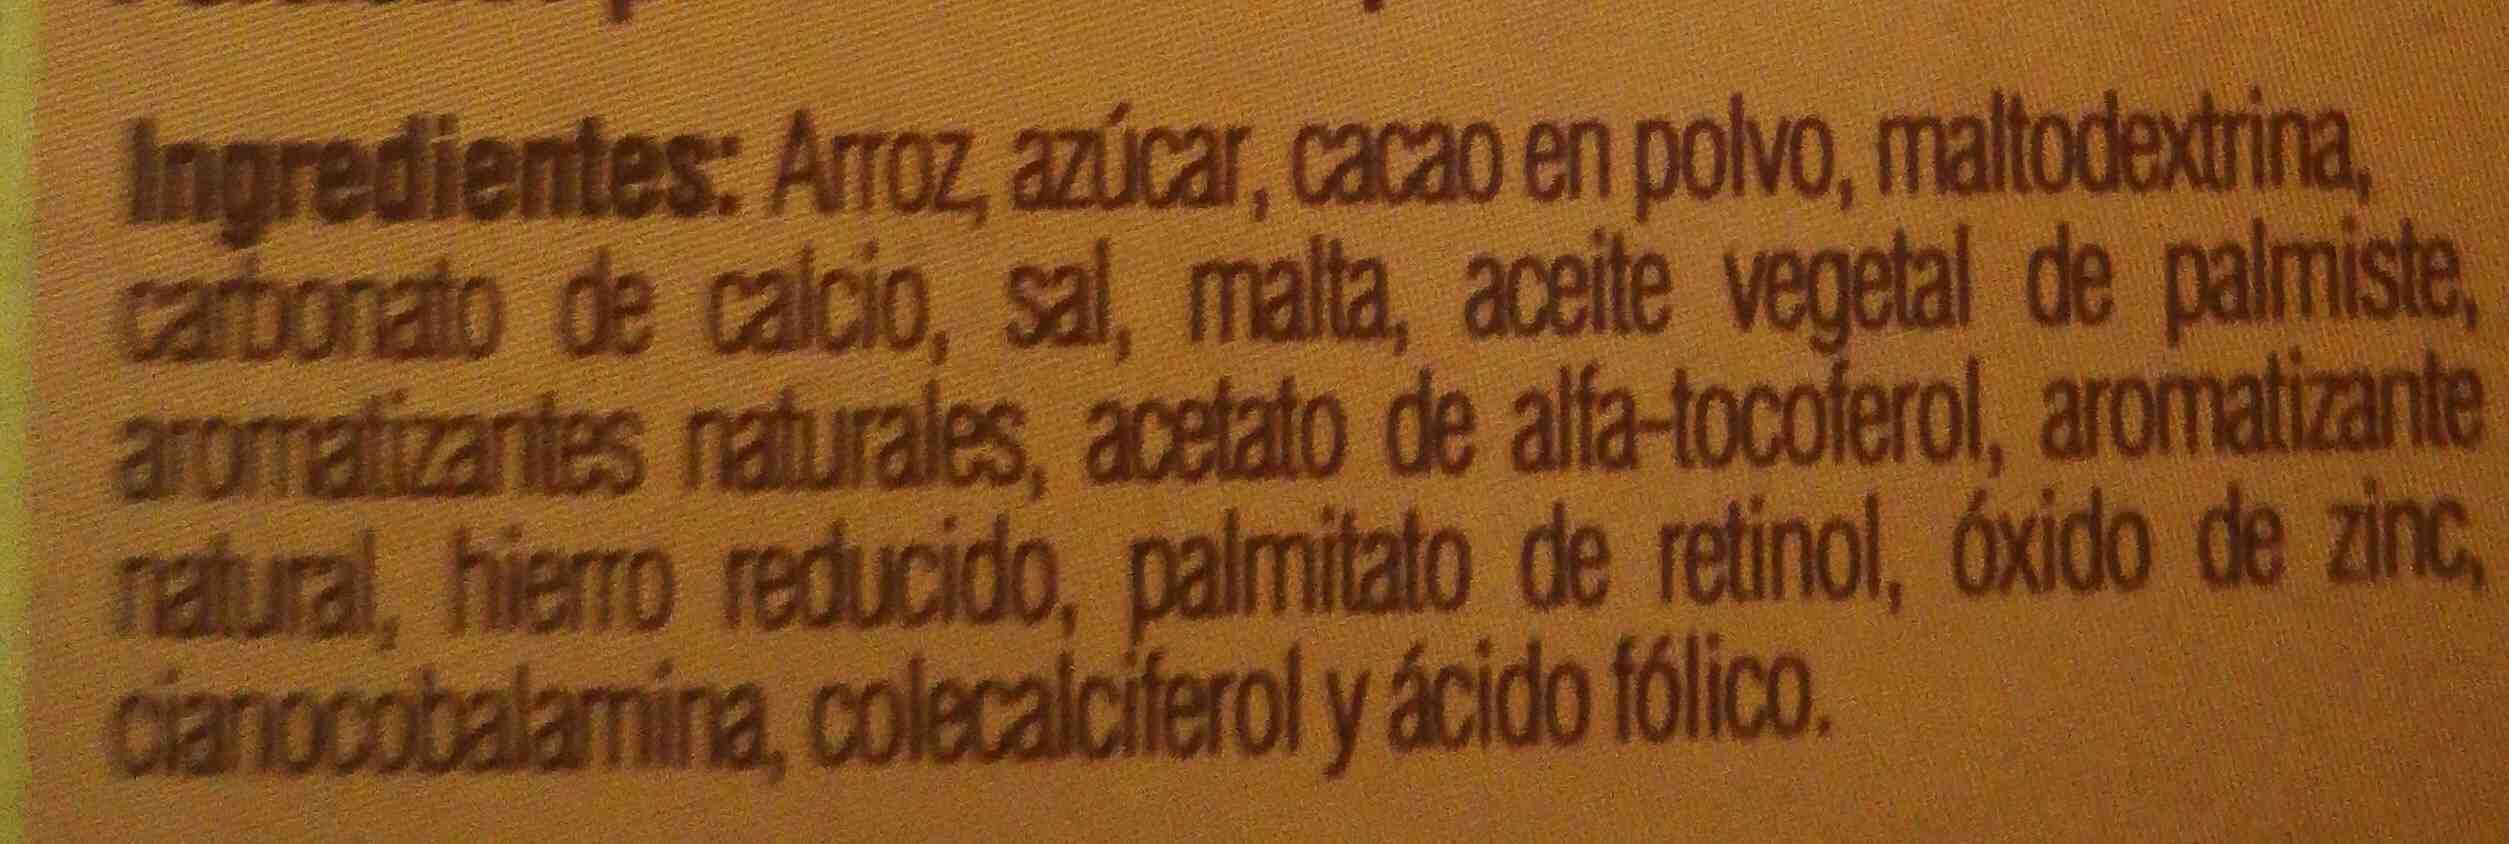 Kellogg's choco krispis - Ingrediënten - en